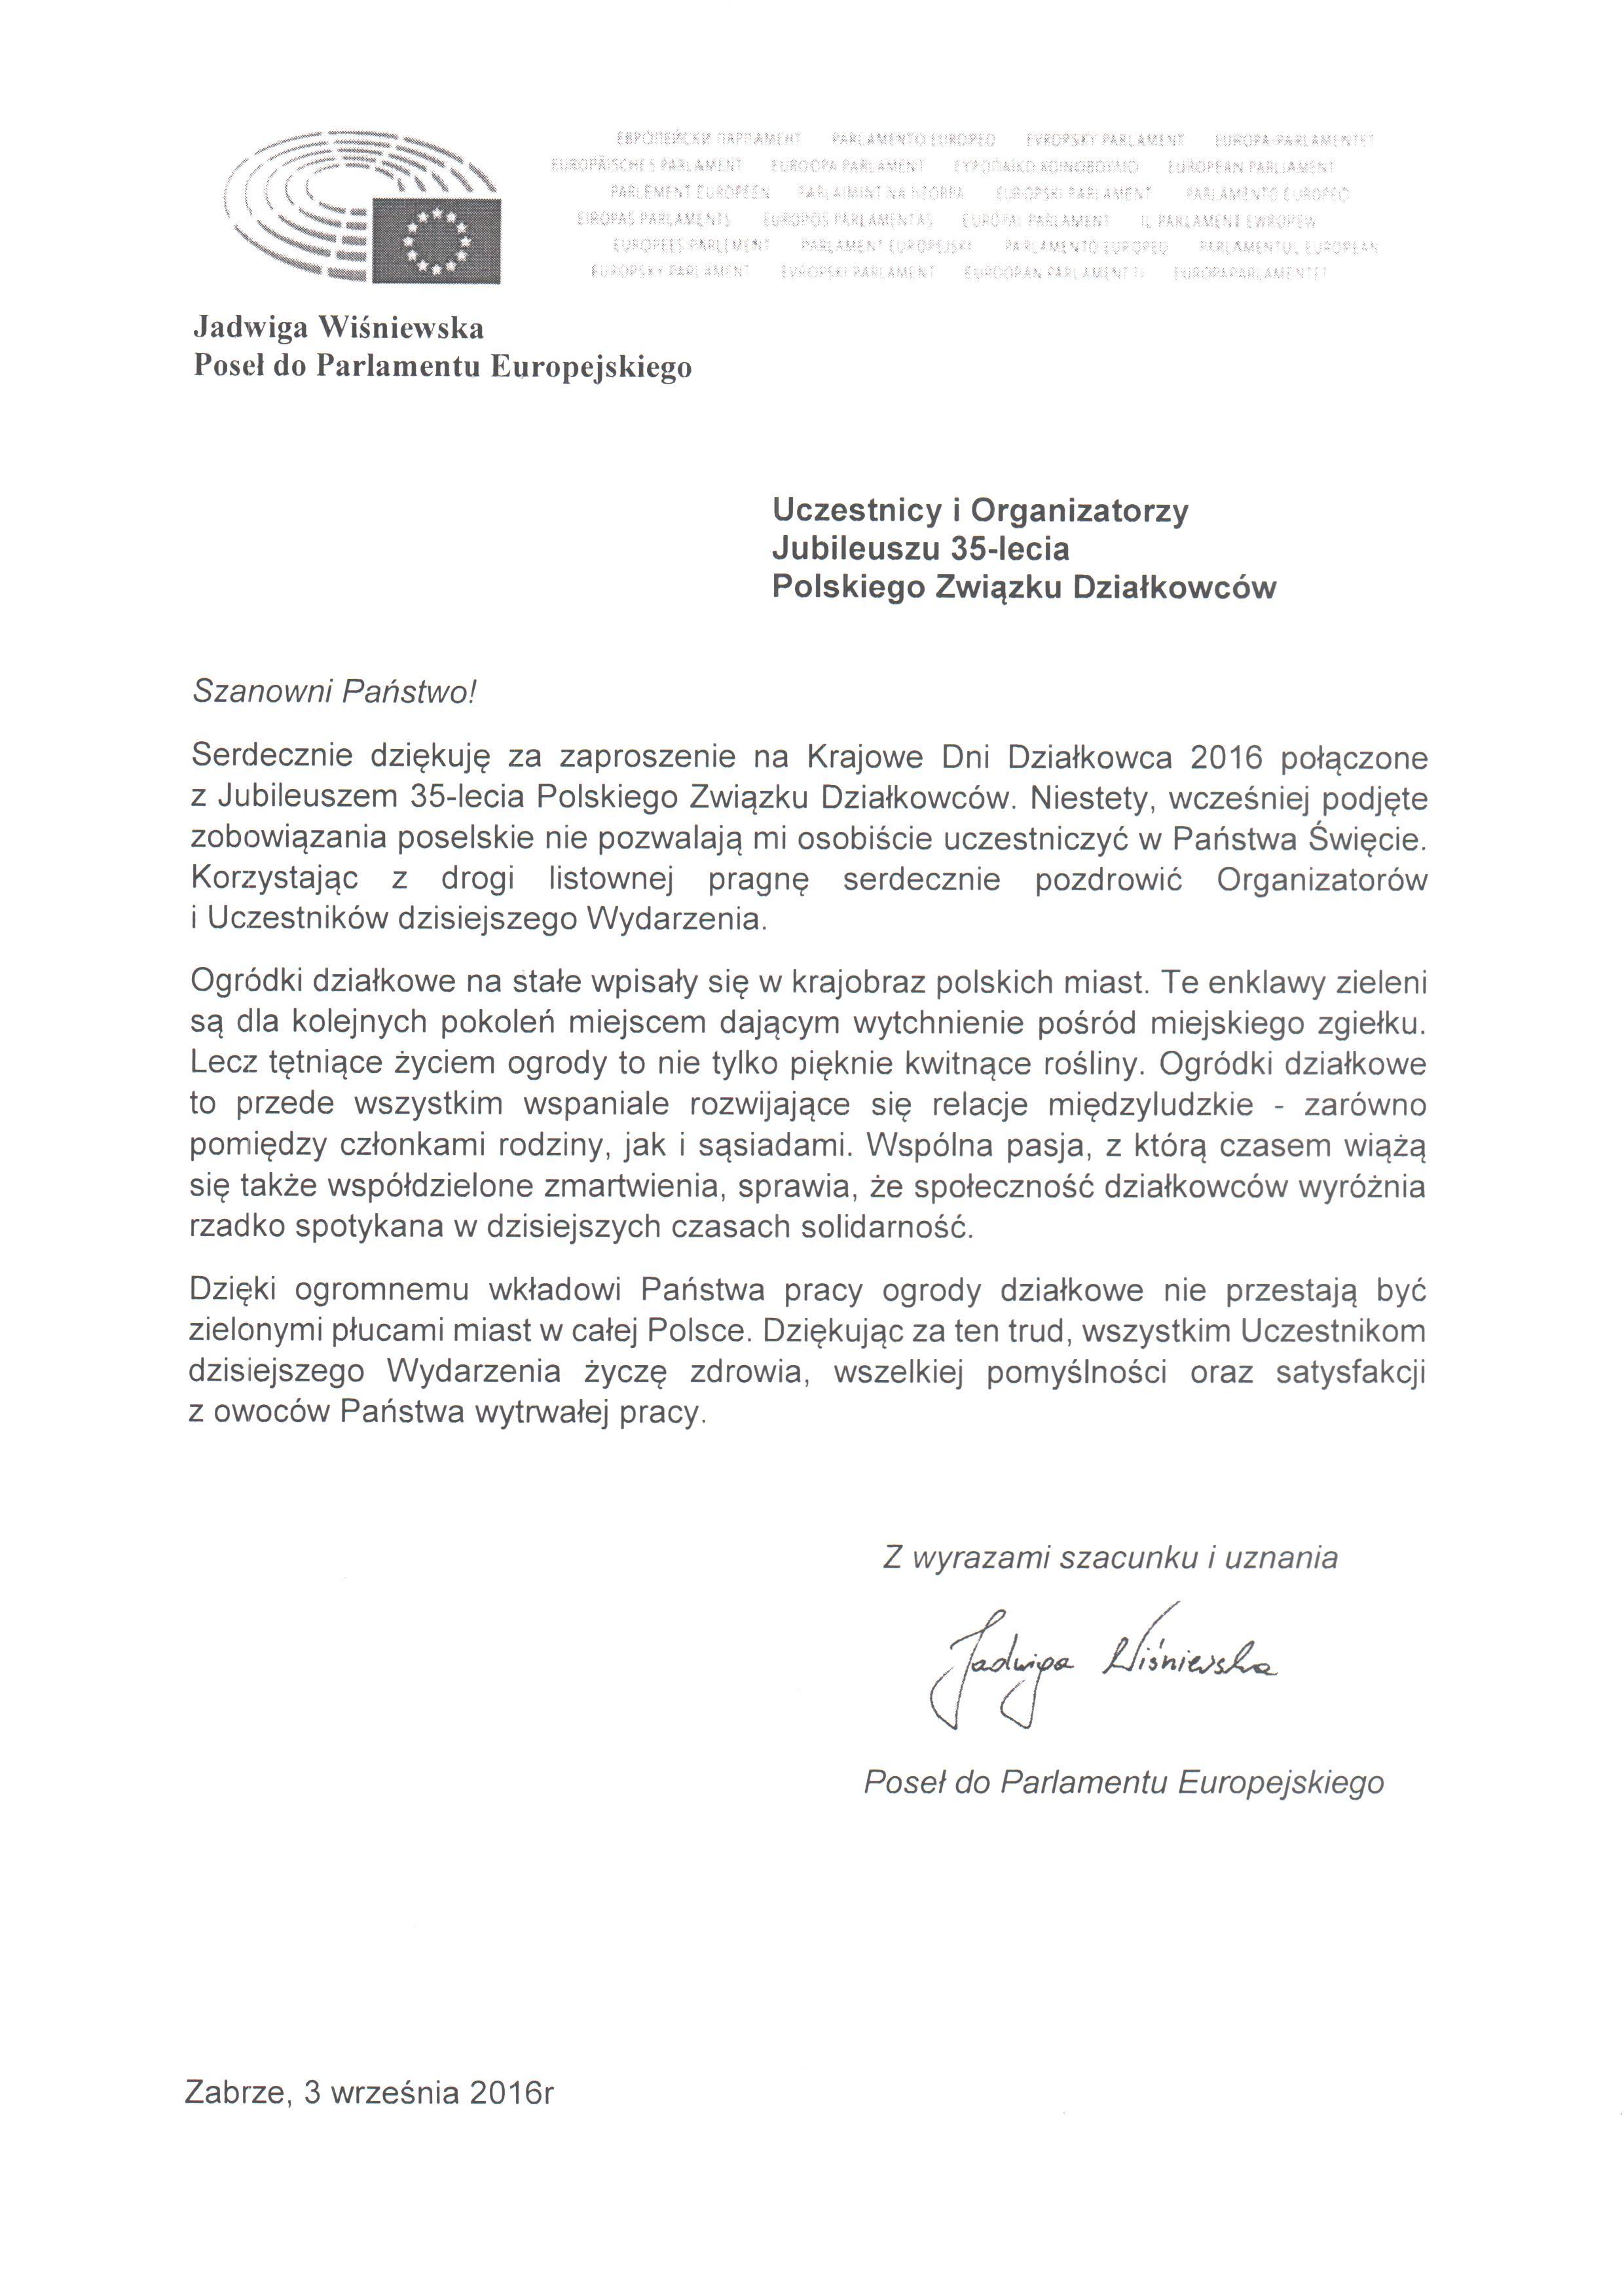 Polski Związek Działkowców Bieżące Wydarzenia